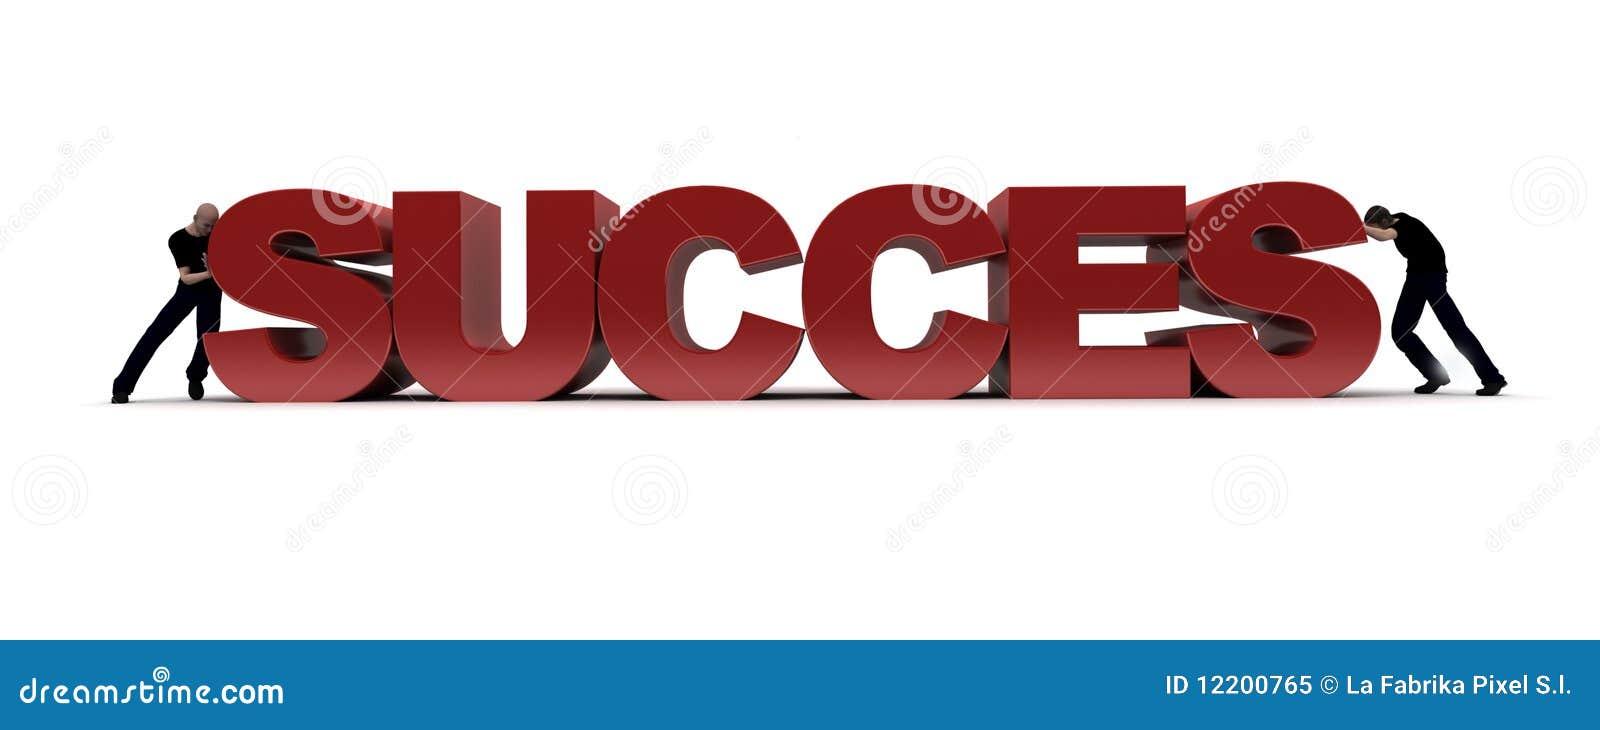 Arbeiten für Erfolg